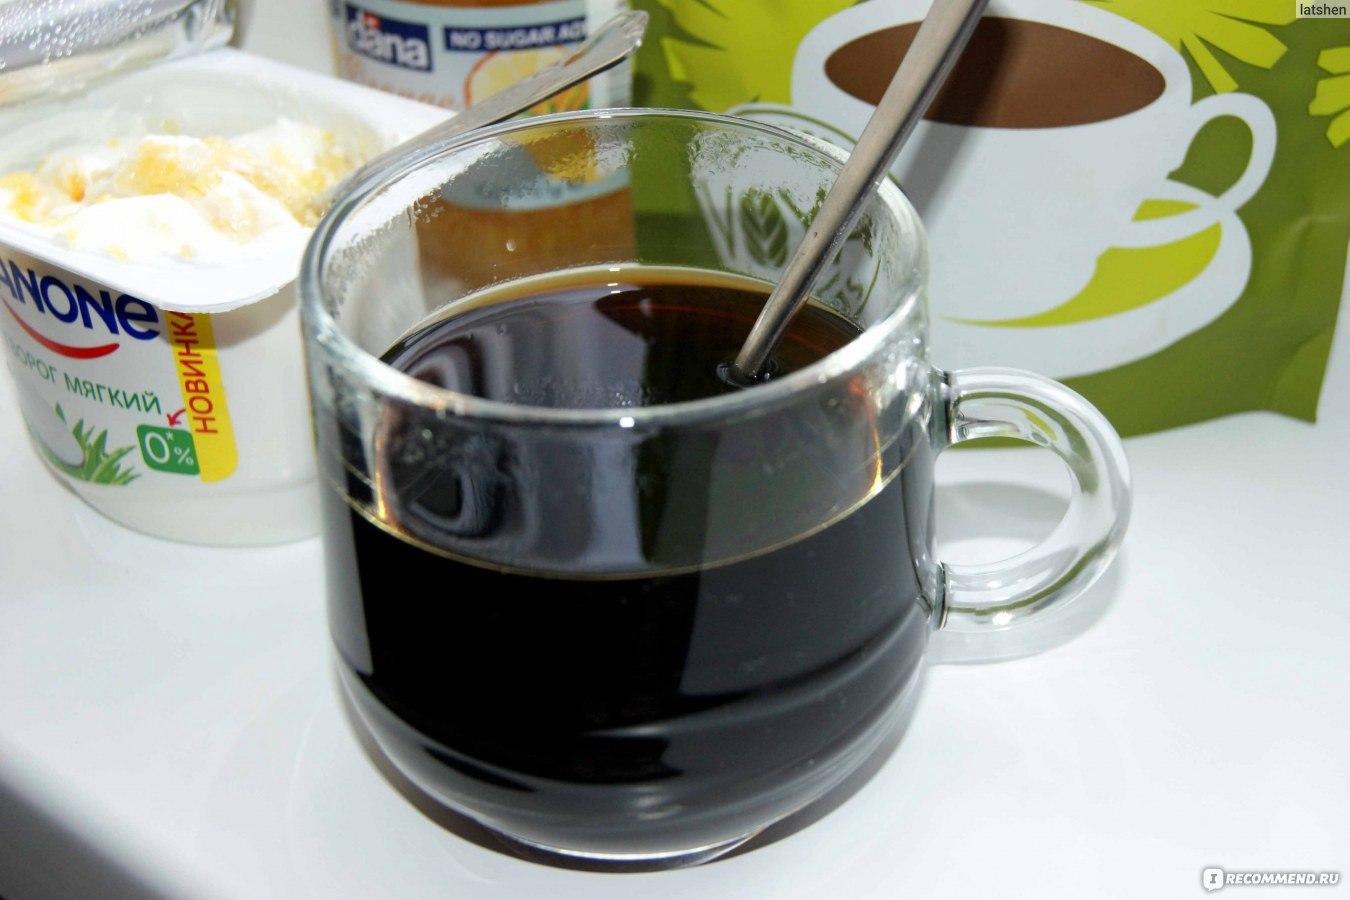 И смогли обеспечить ароматным чаем и себя, и своих друзей, и всех, кто заказал чай через наш сайт.